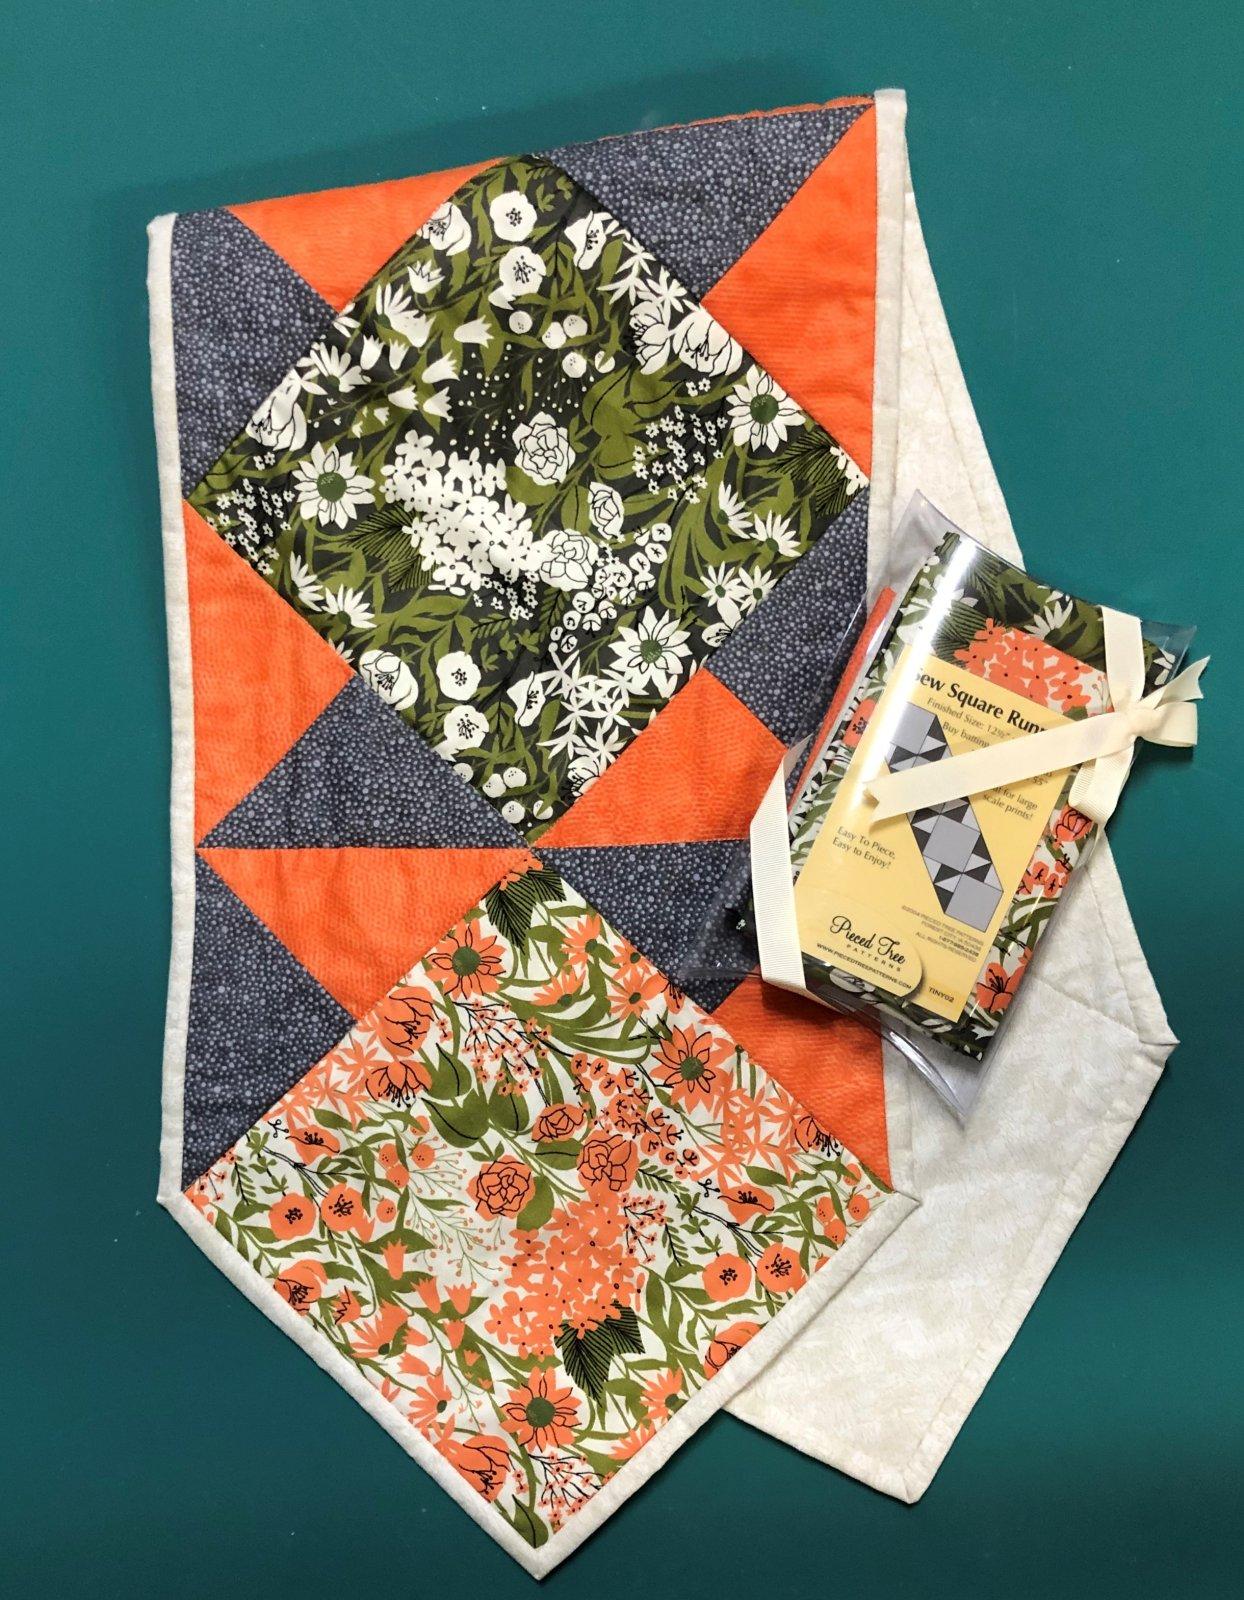 Sew Square Runner Kit - Mazy (15 x 55)